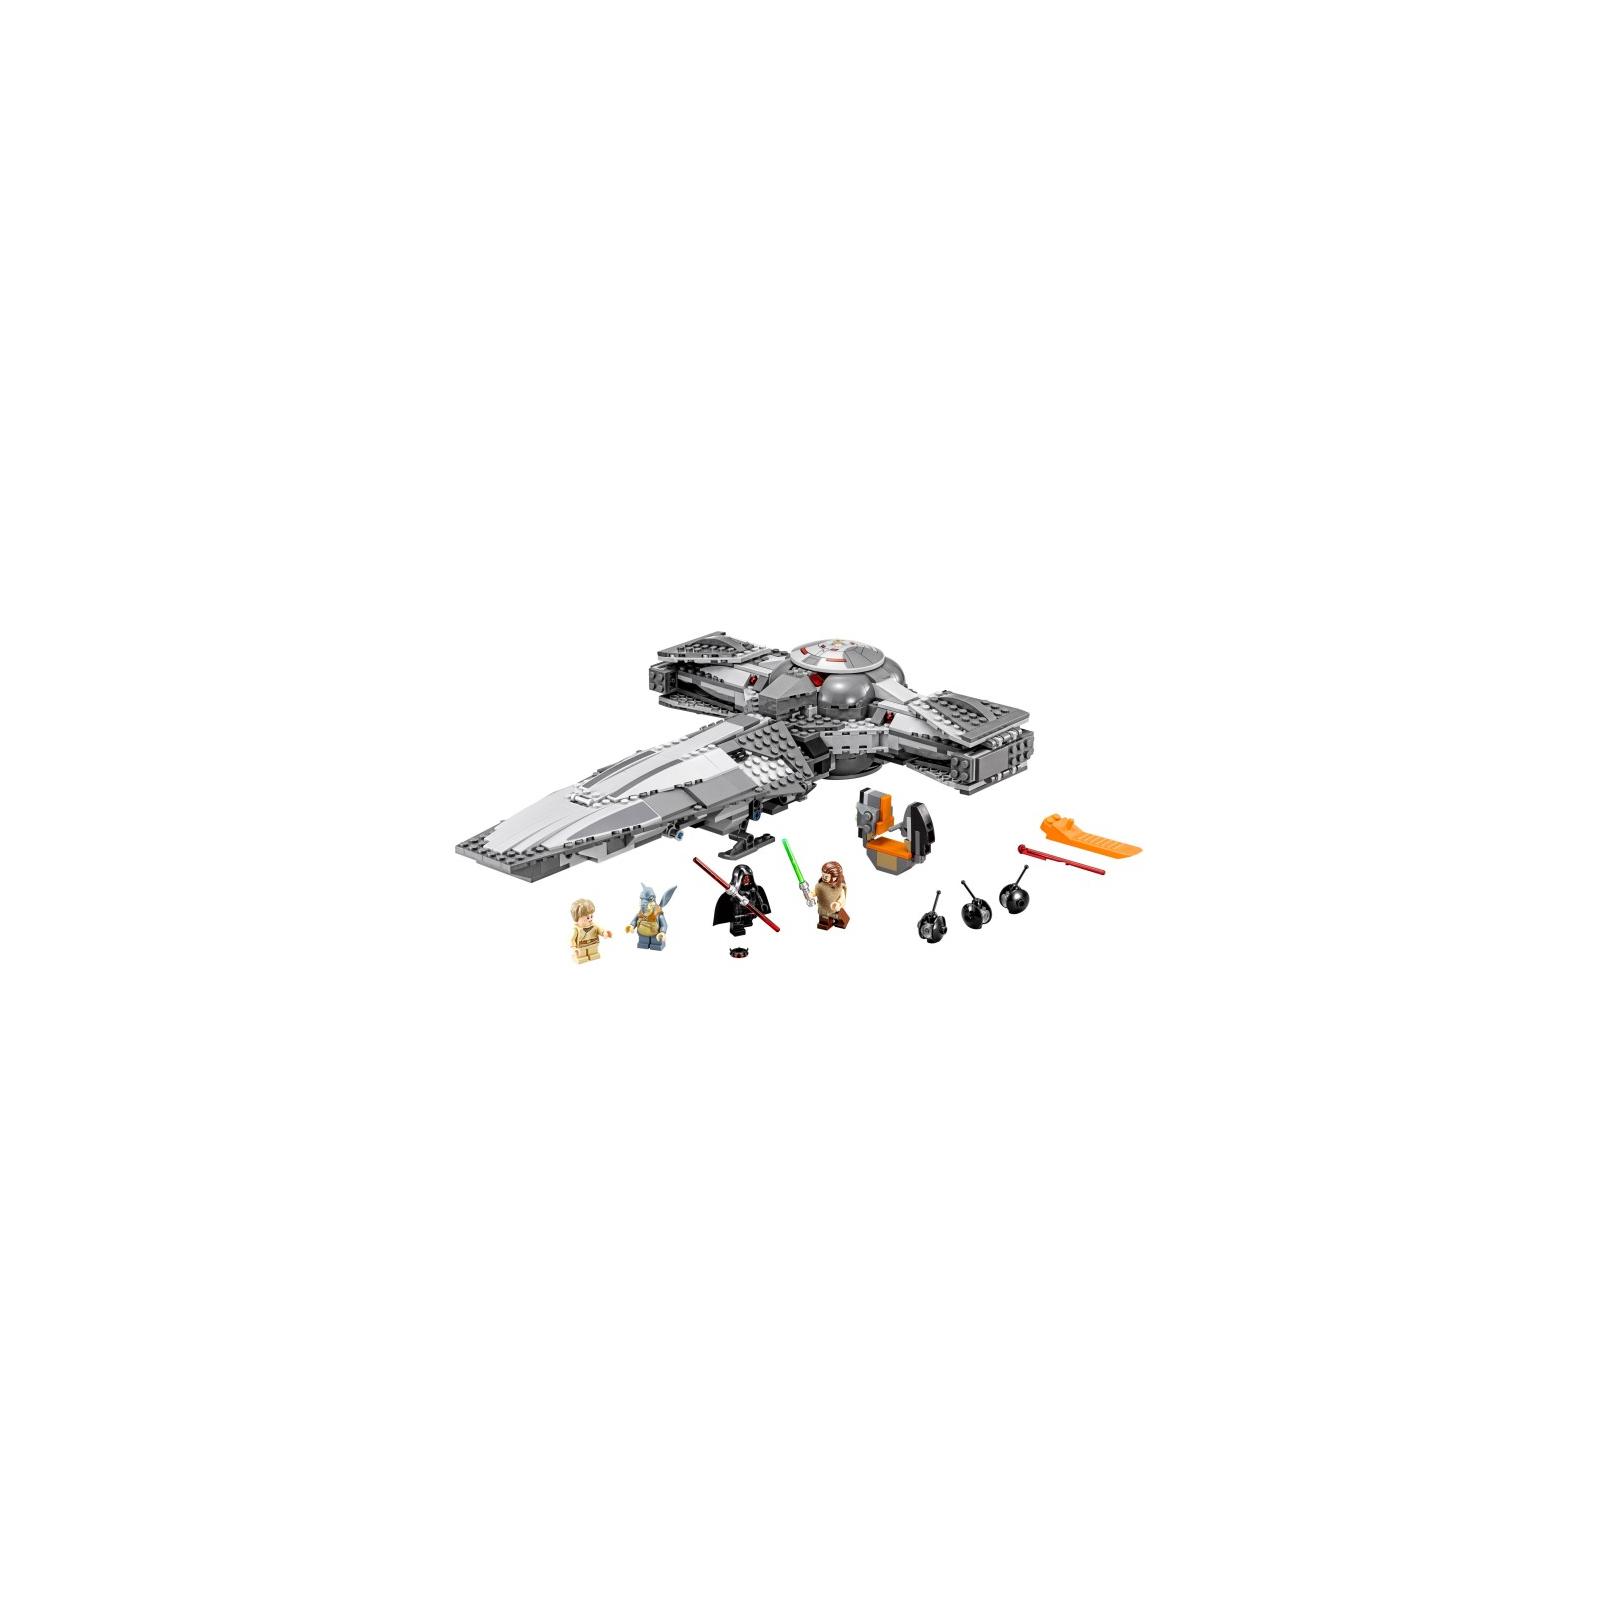 Конструктор LEGO Star Wars Разведчик Ситхов (75096) изображение 2